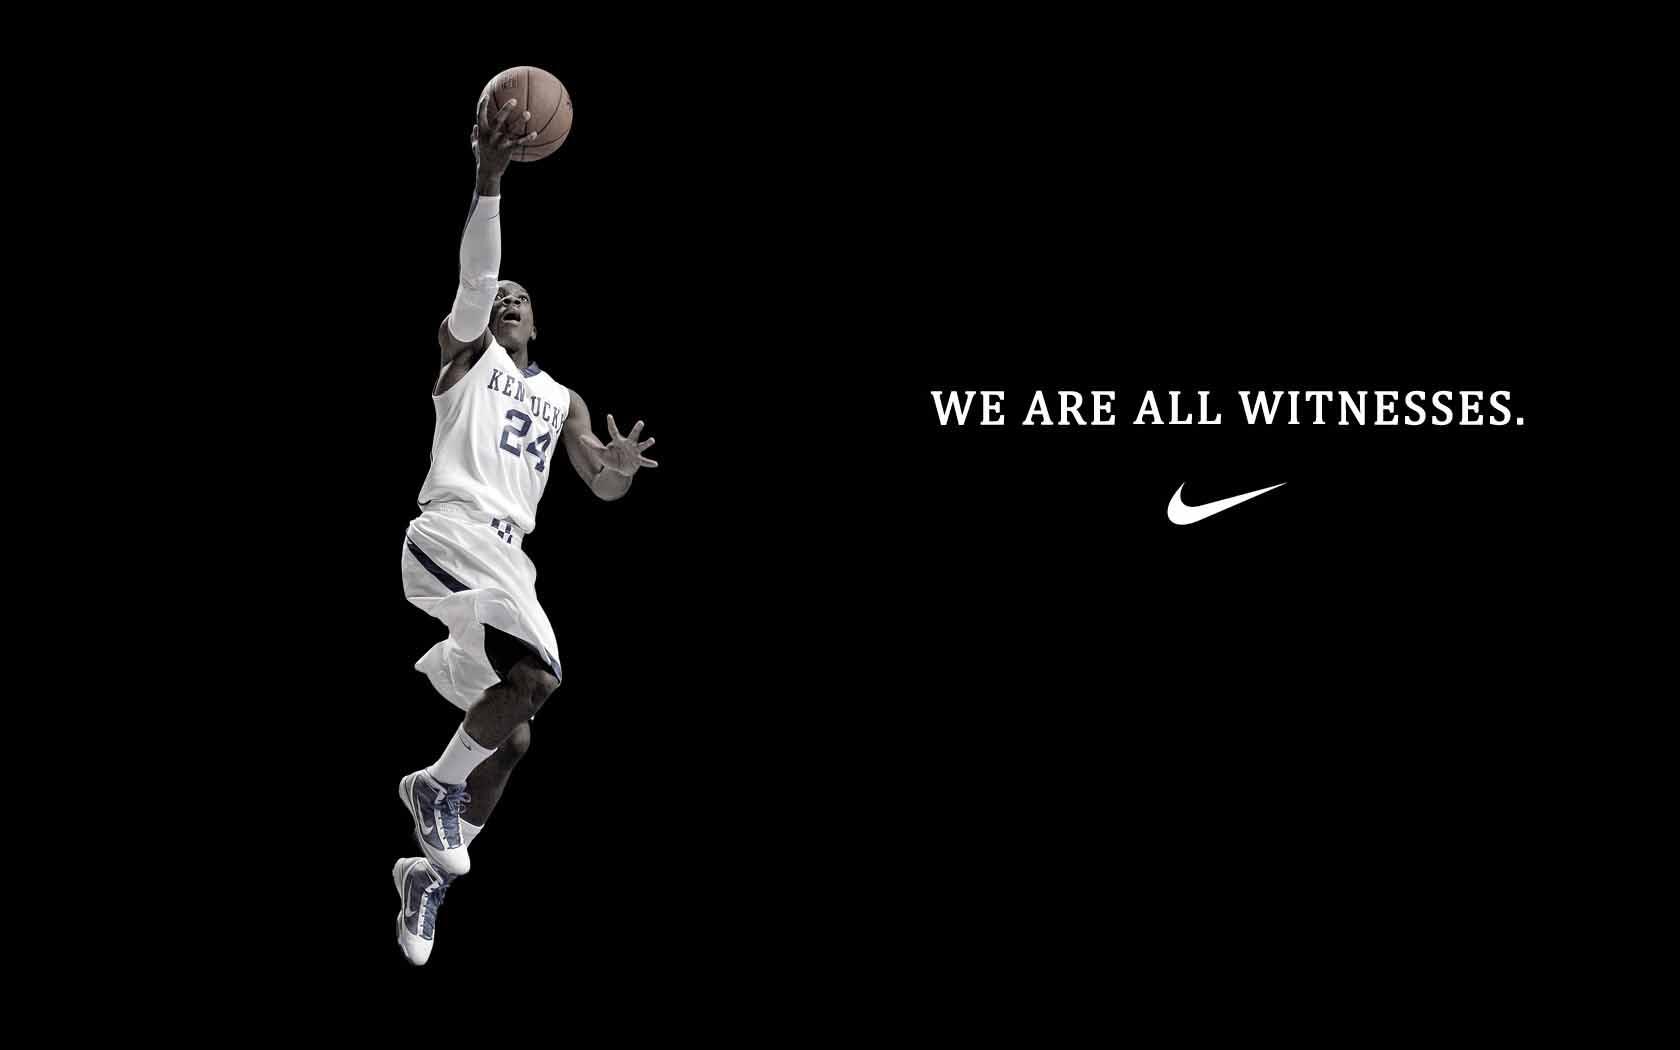 76 Basketball Never Stops Wallpapers On Wallpapersafari